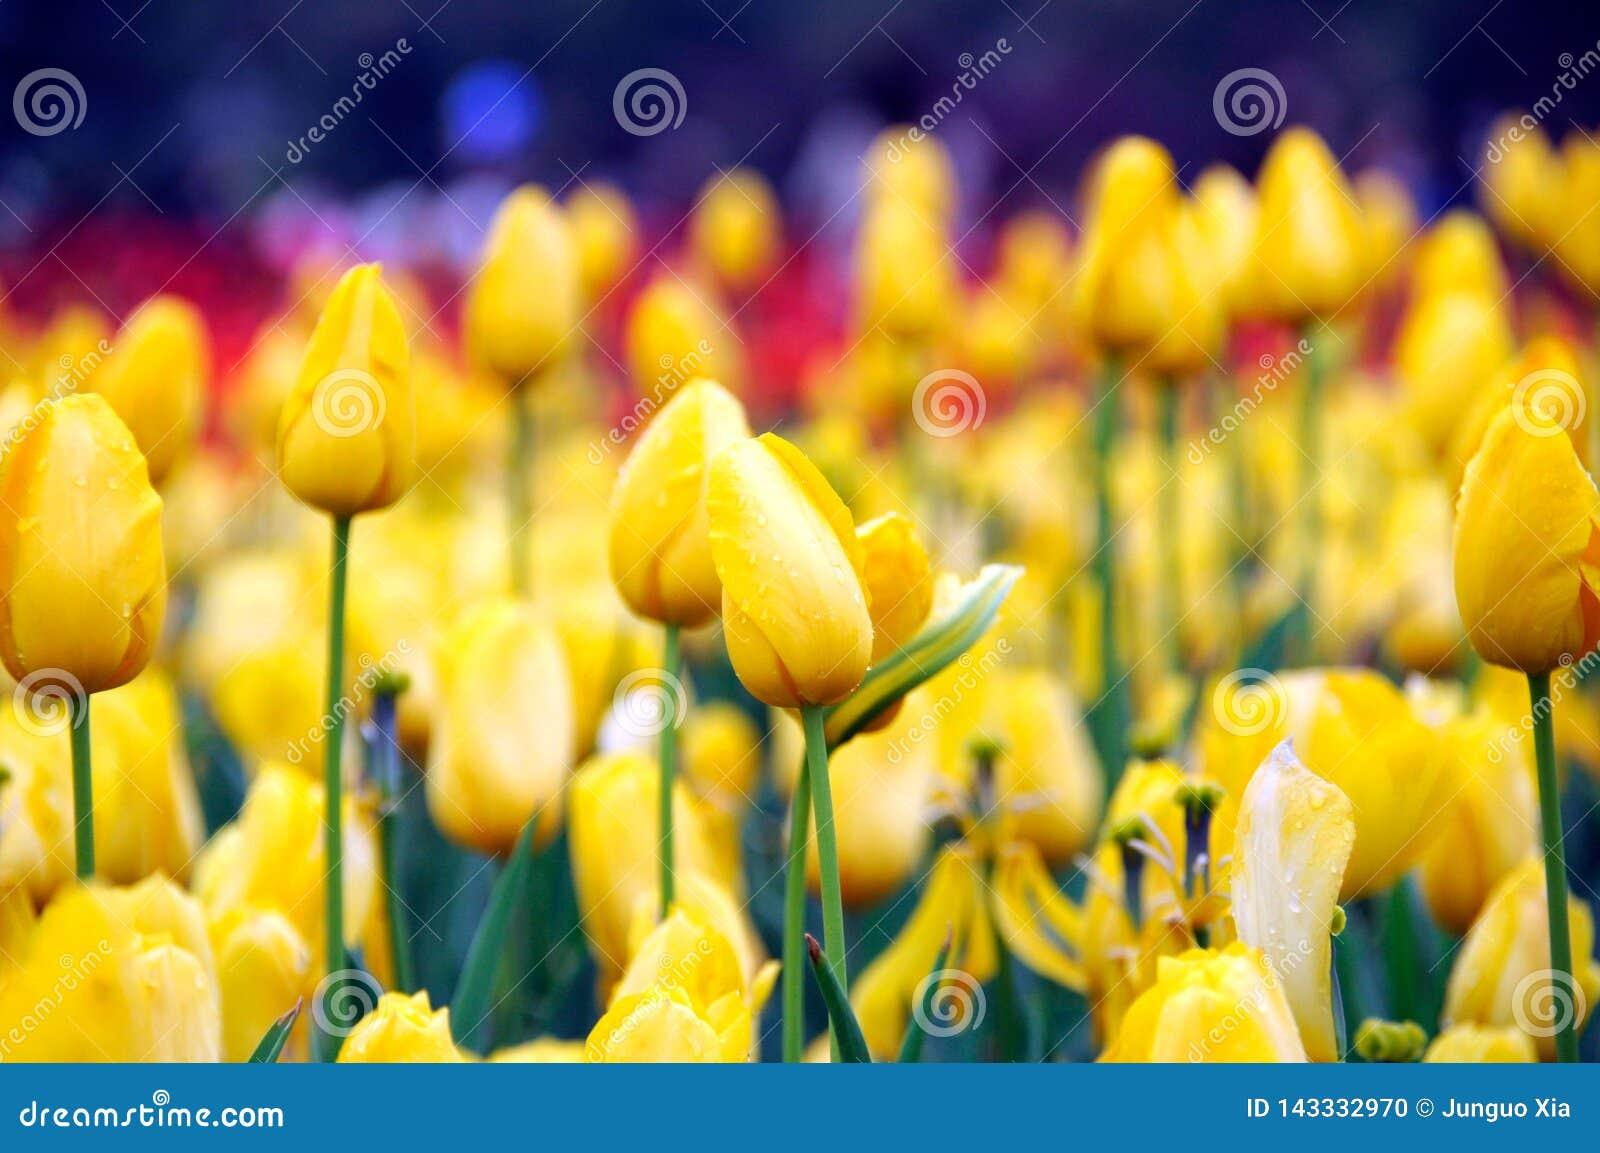 Belle et élégante tulipe après pluie